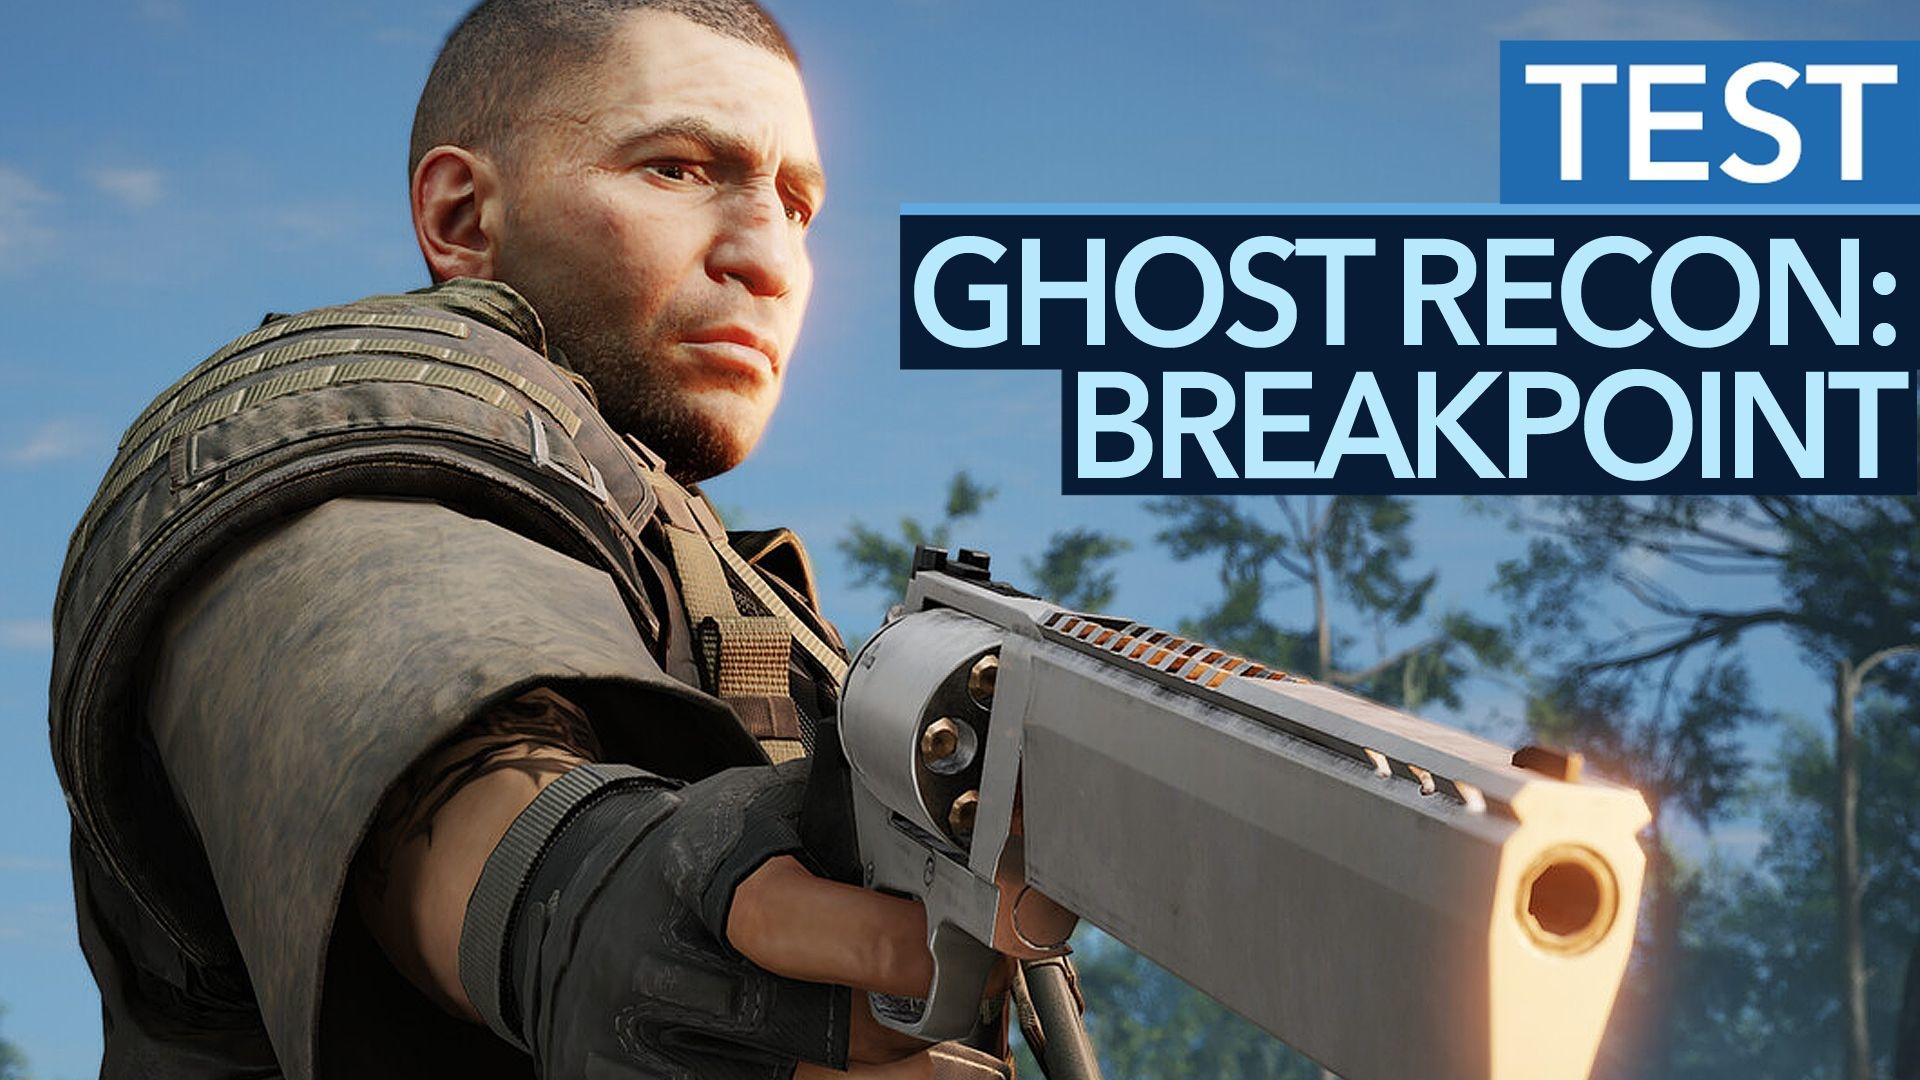 Ghost Recon: Breakpoint im Testvideo - Wenn ein Spiel die falschen Dinge will